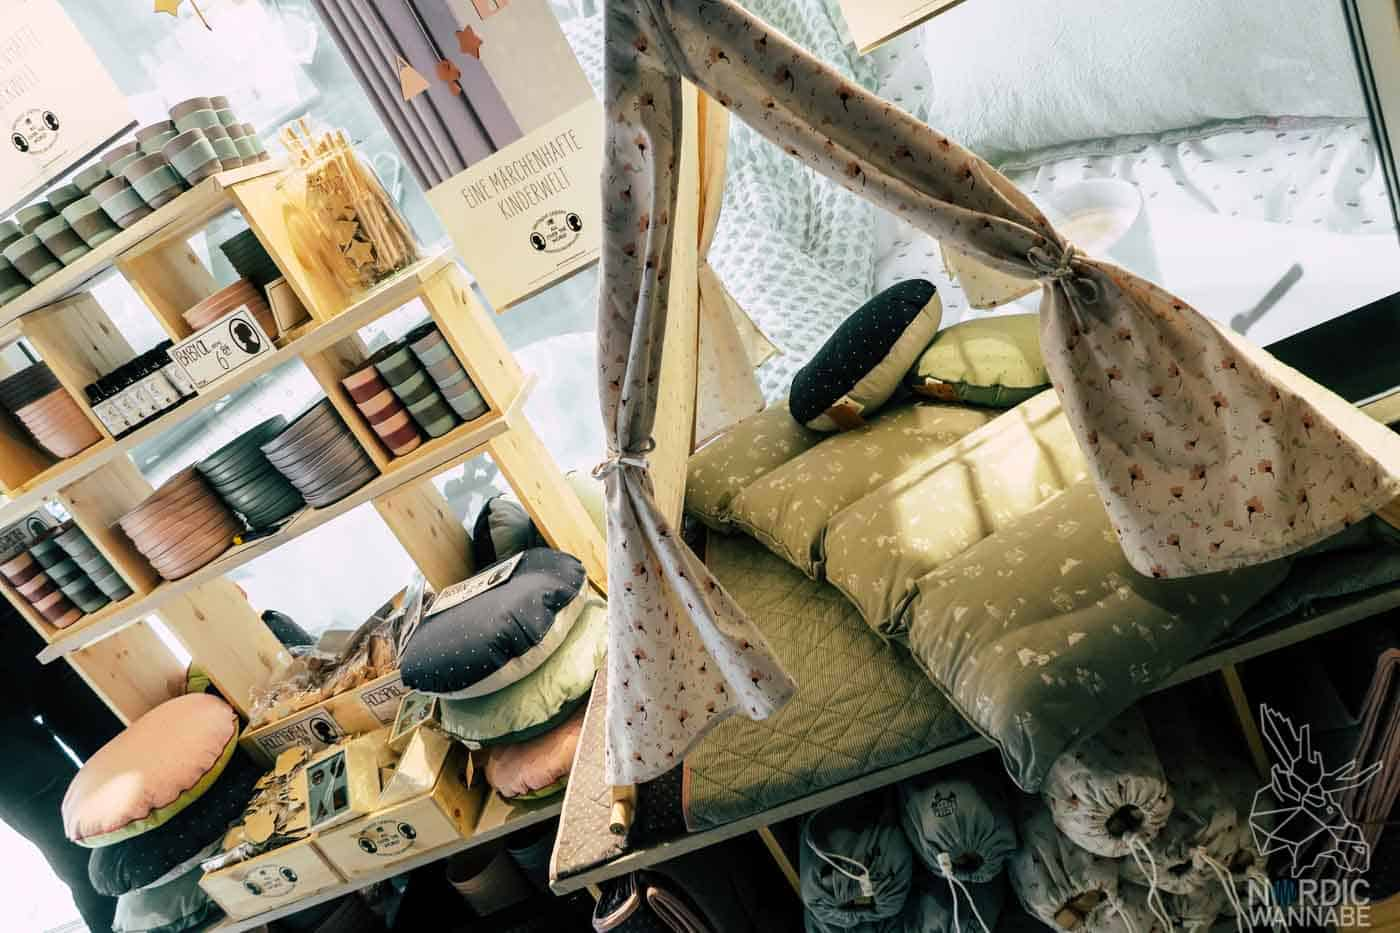 Søstrene Grene Shop in Osnabrück, Osnabrück, Sostrene Grene, Dänisches Design, Skandishop, Skandistyle, DIY,